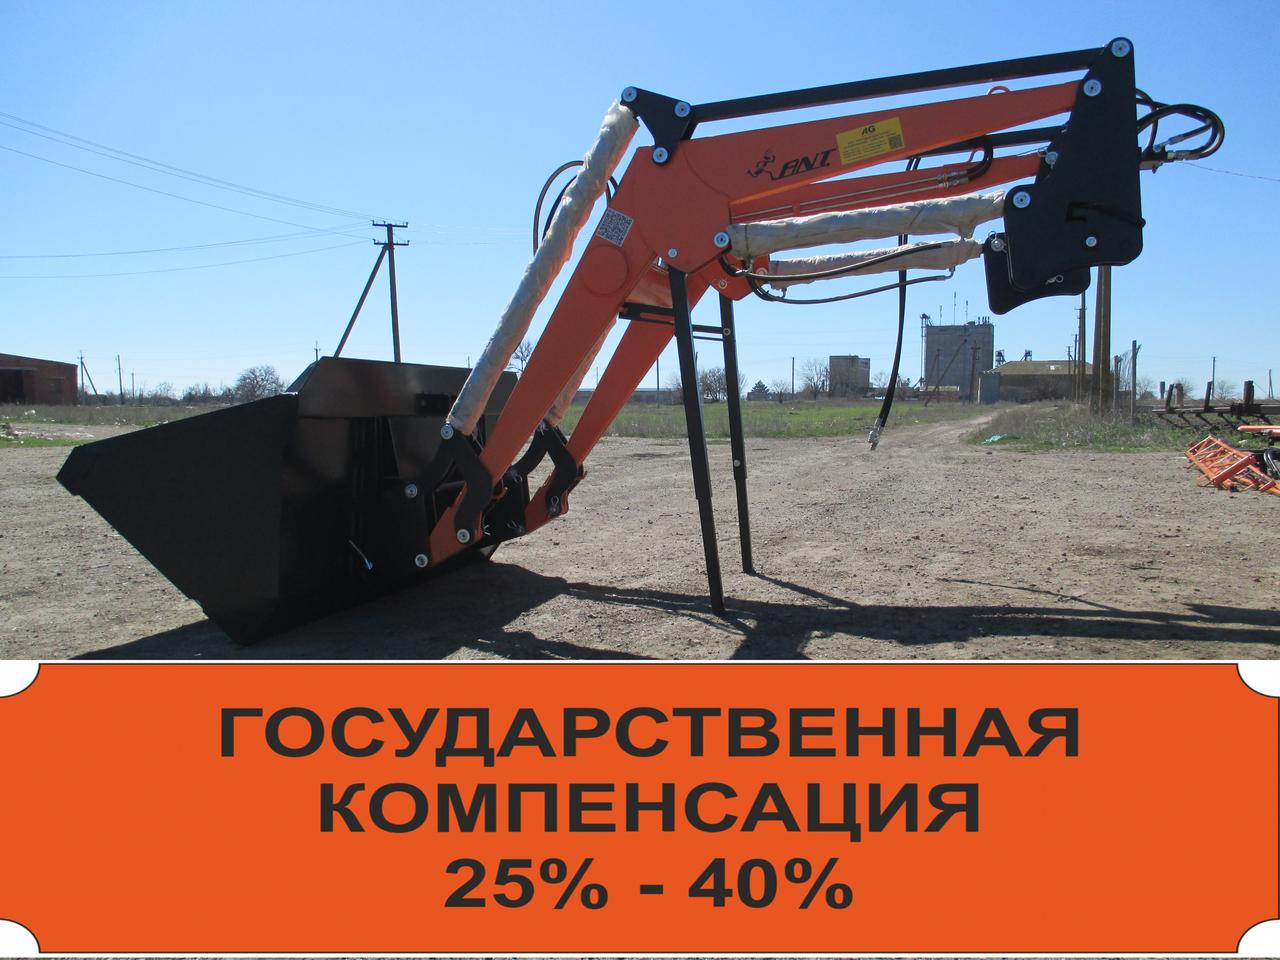 Навантажувач тракторний Фронтальний Швидкознімний НТ-1200 на МТЗ.